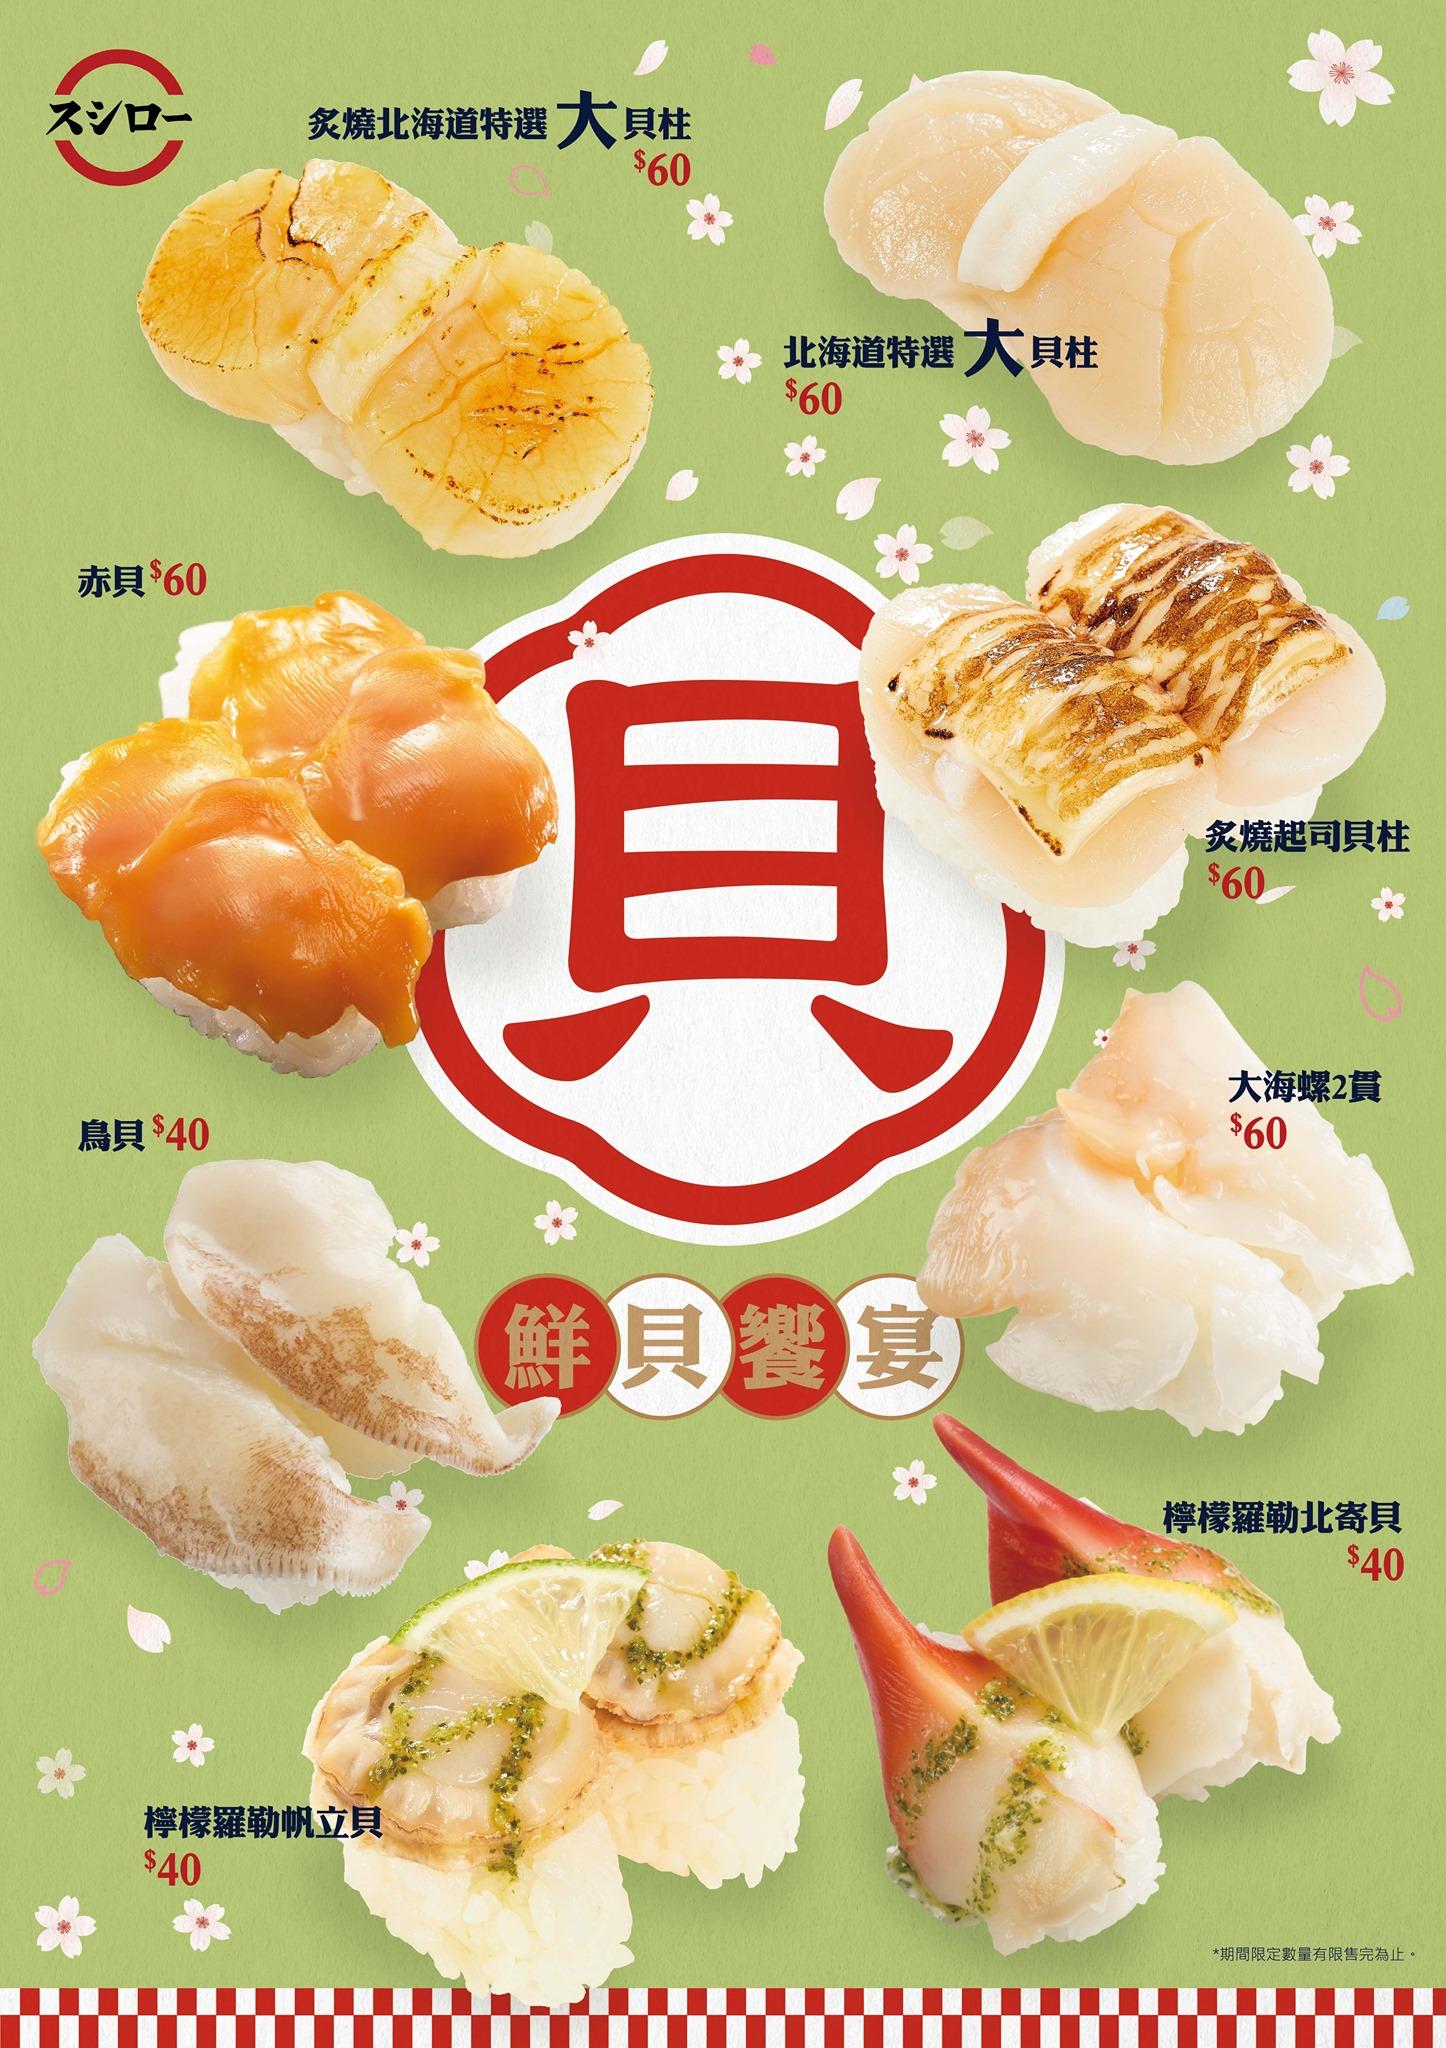 壽司郎鮮貝饗宴(2021/3/24起)